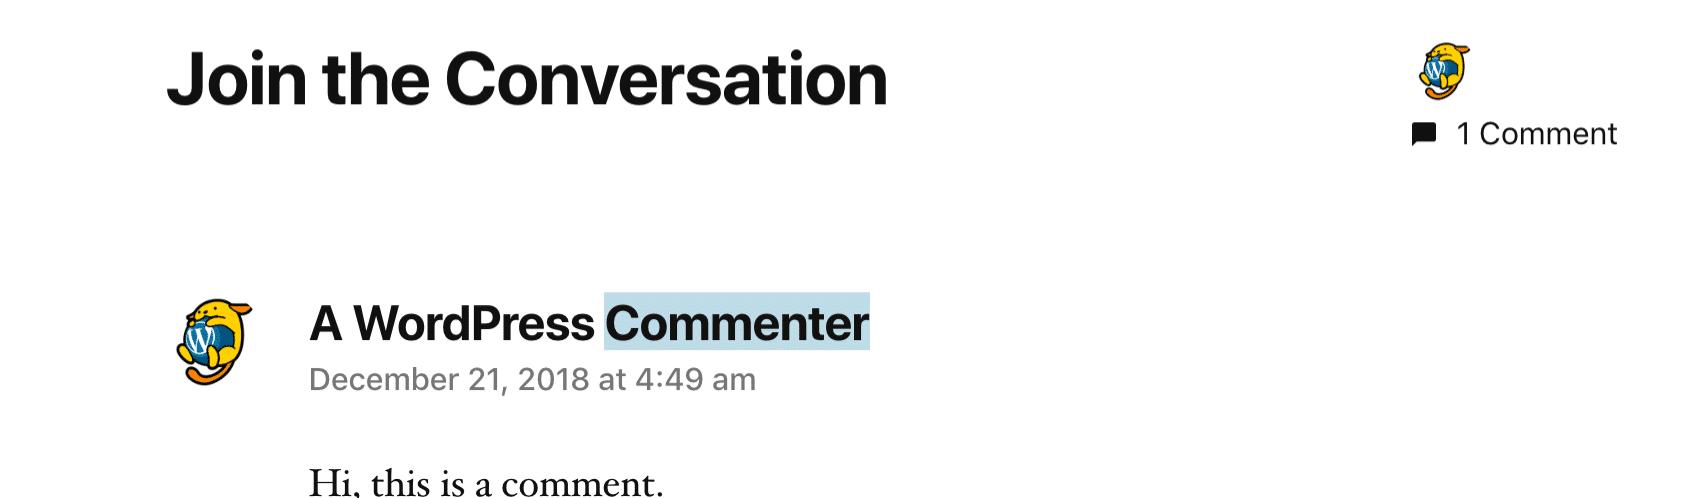 WordPressのコメント作者のリンクがない